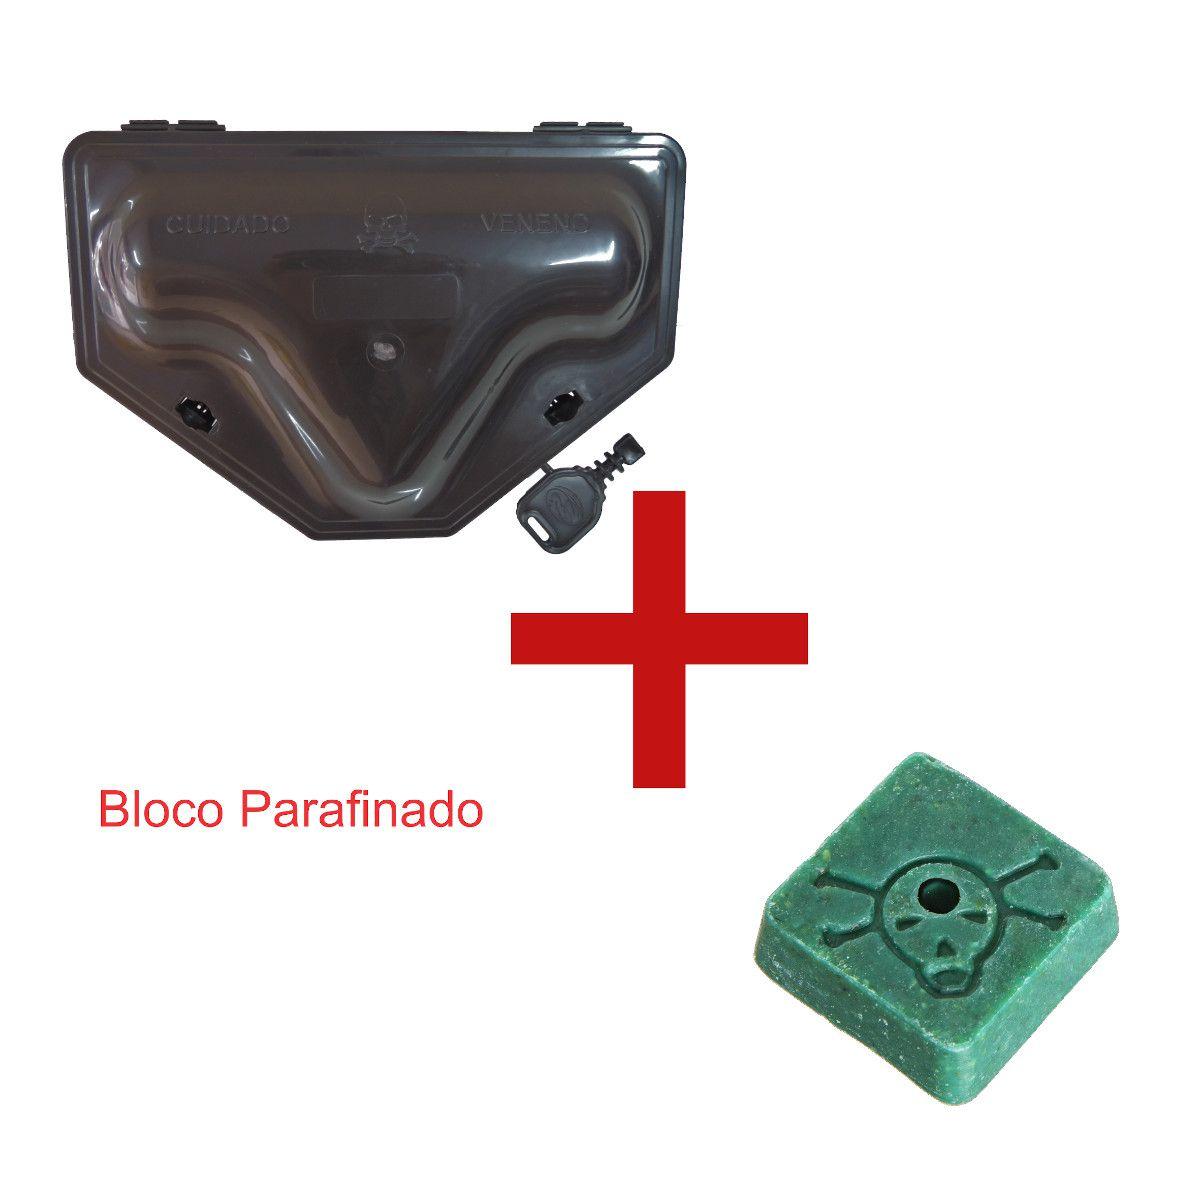 83 Porta Iscas C/ Duplo Travamento + 83 Bloco Parafinado